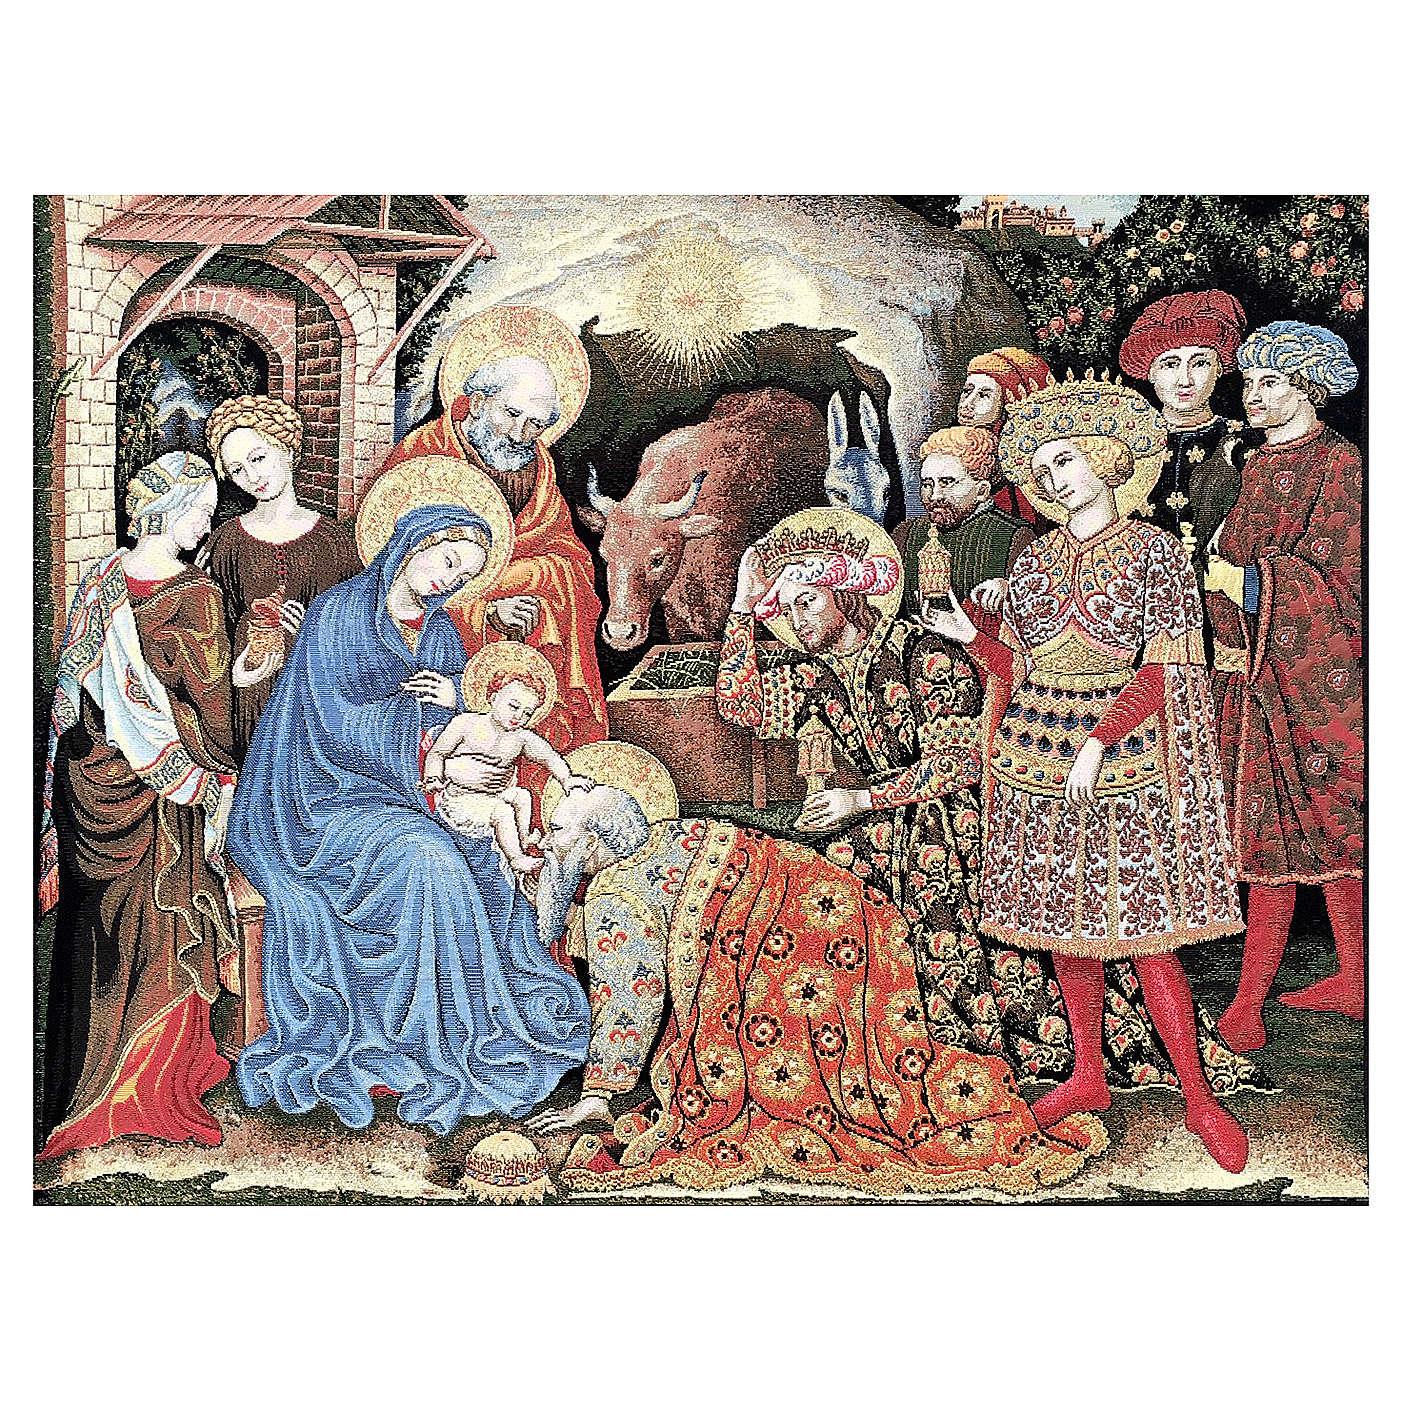 Arazzo Adorazione dei Magi di Gentile da Fabriano 105x130 cm 3